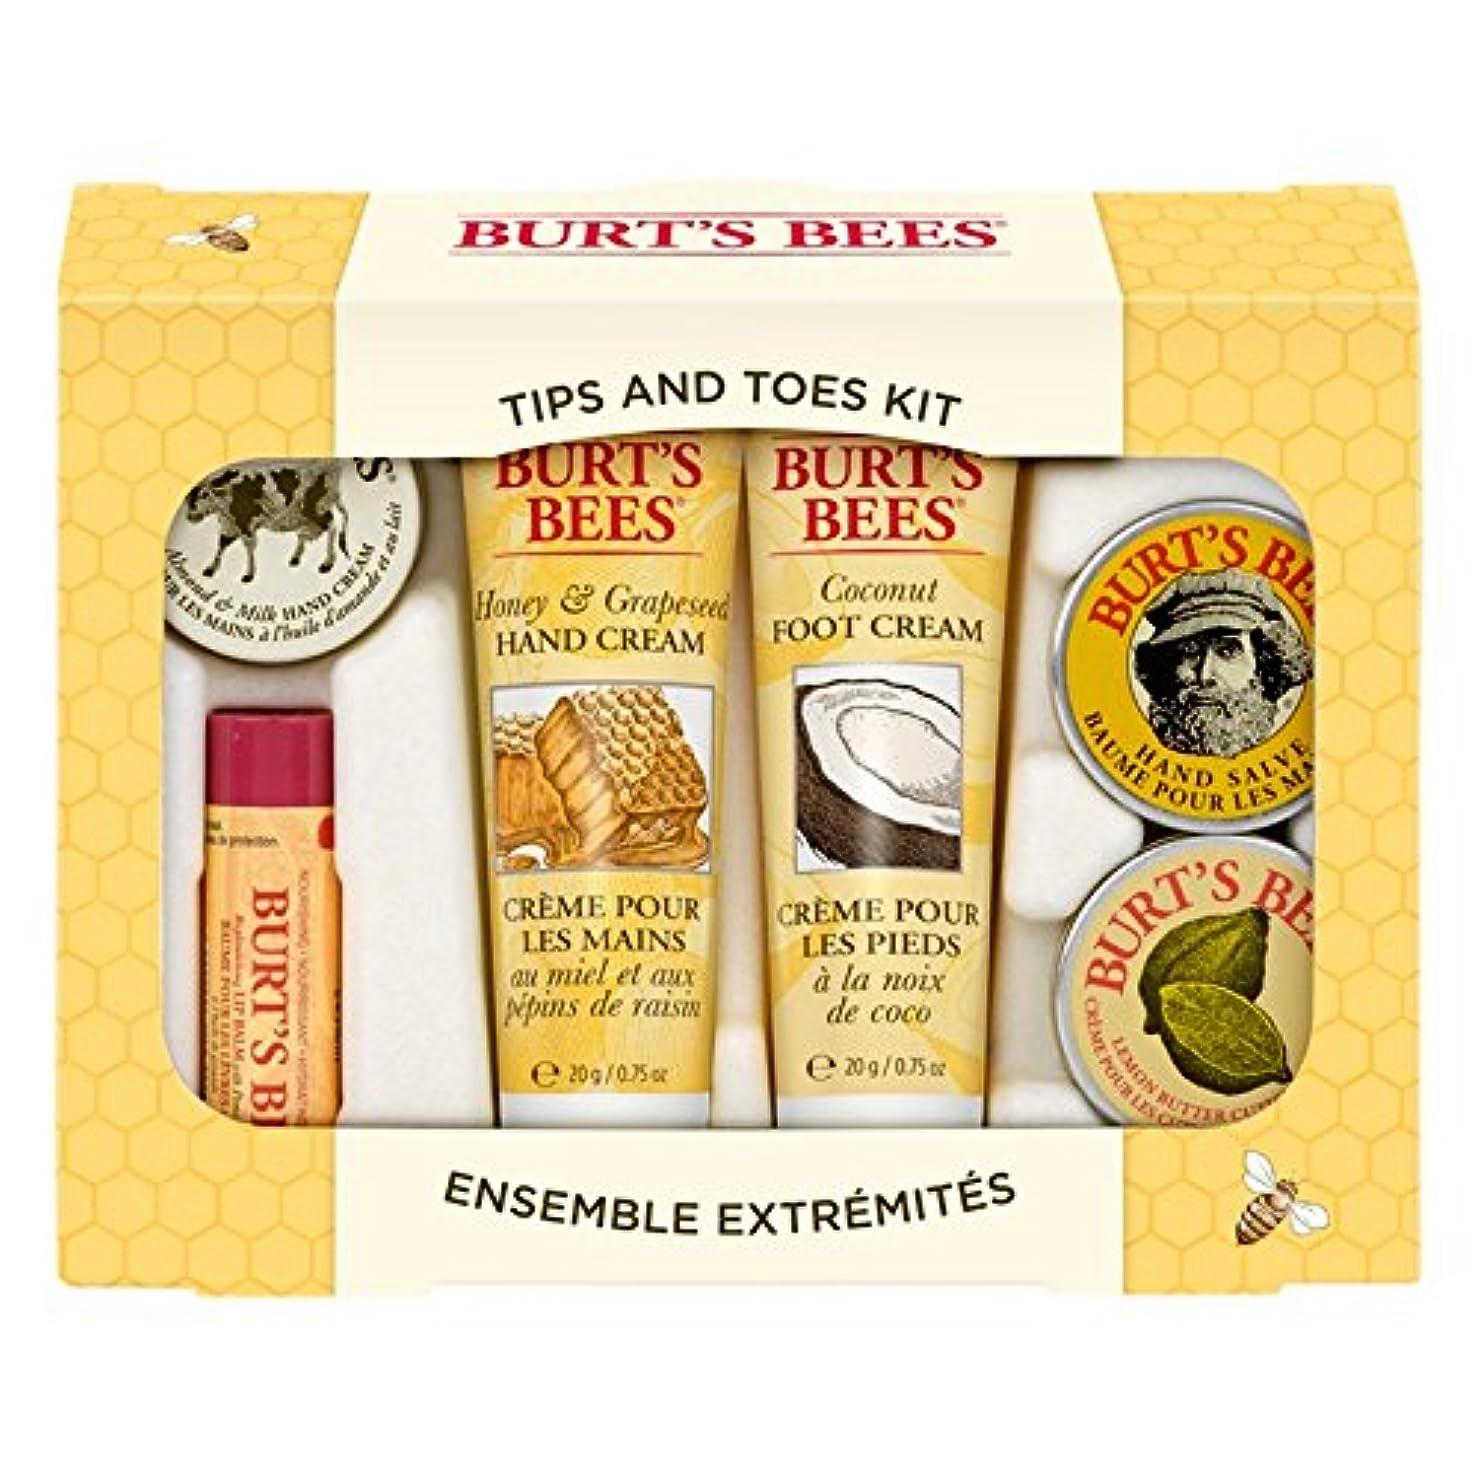 やさしい最初に堤防バーツビーのヒントとつま先はスターターキットをスキンケア (Burt's Bees) - Burt's Bees Tips And Toes Skincare Starter Kit [並行輸入品]